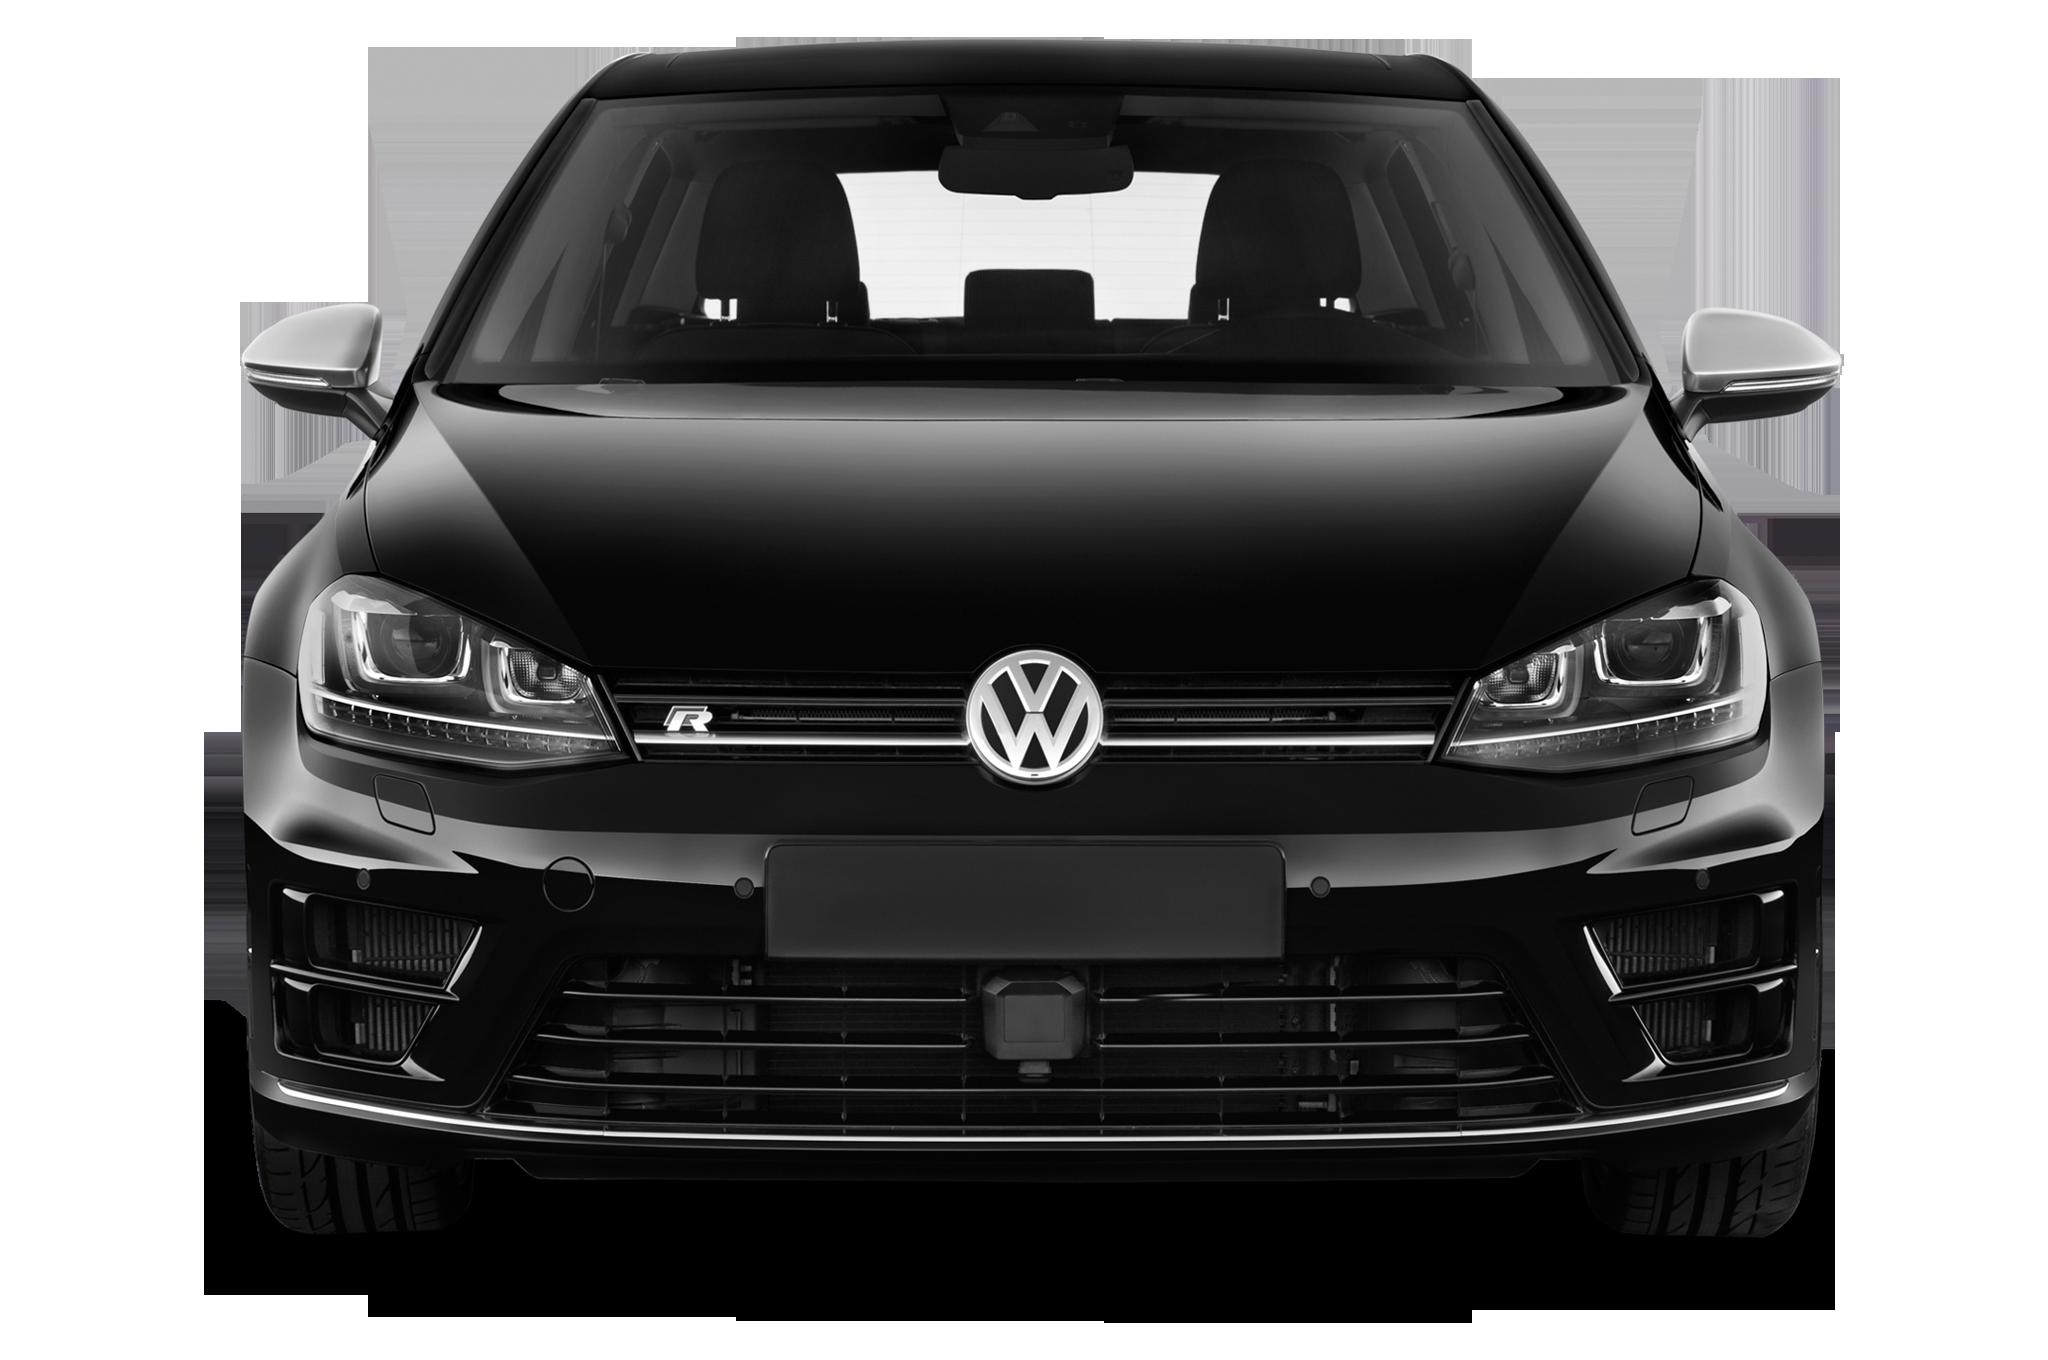 2018 Volkswagen Golf Euro Spec